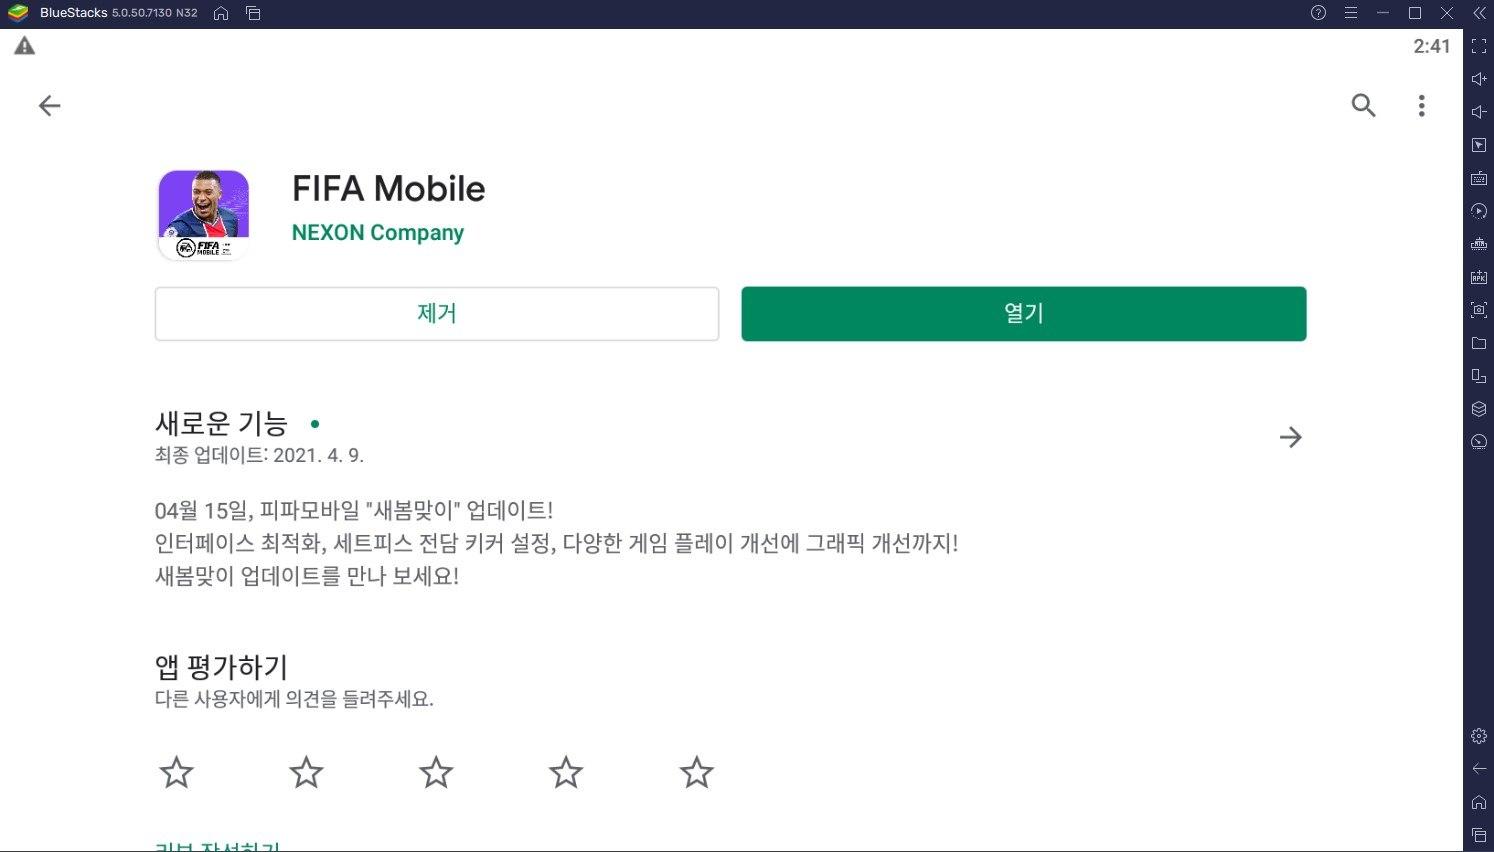 피파 모바일 4월 업데이트 진행, PC에서 블루스택 앱플레이어로 리그를 진행해보세요